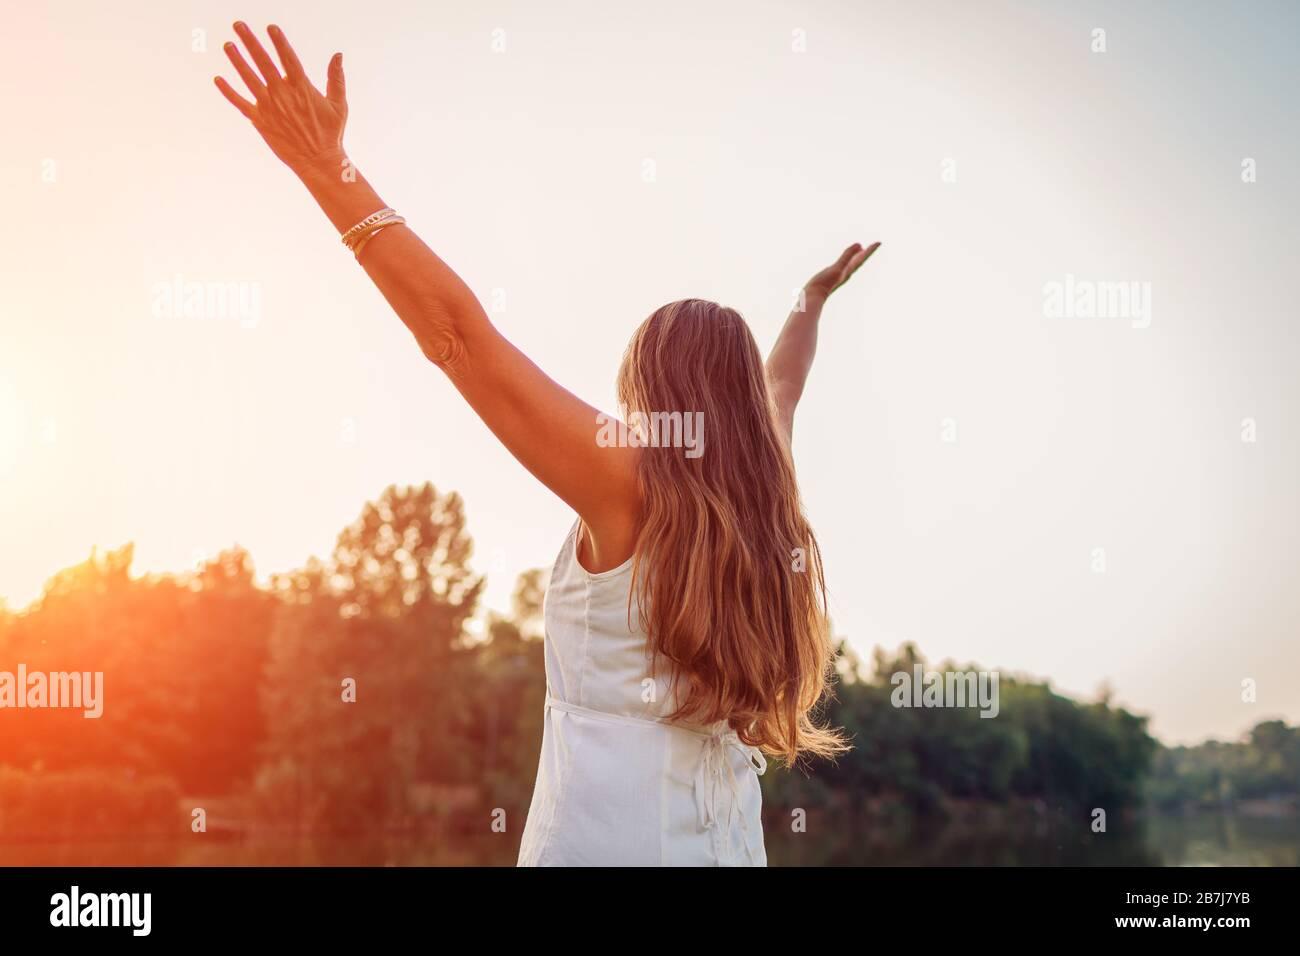 Femme d'âge moyen mûre profitant du coucher du soleil avec des bras élevés se sentant heureux dans le parc de printemps. Femme senior admire le paysage Banque D'Images